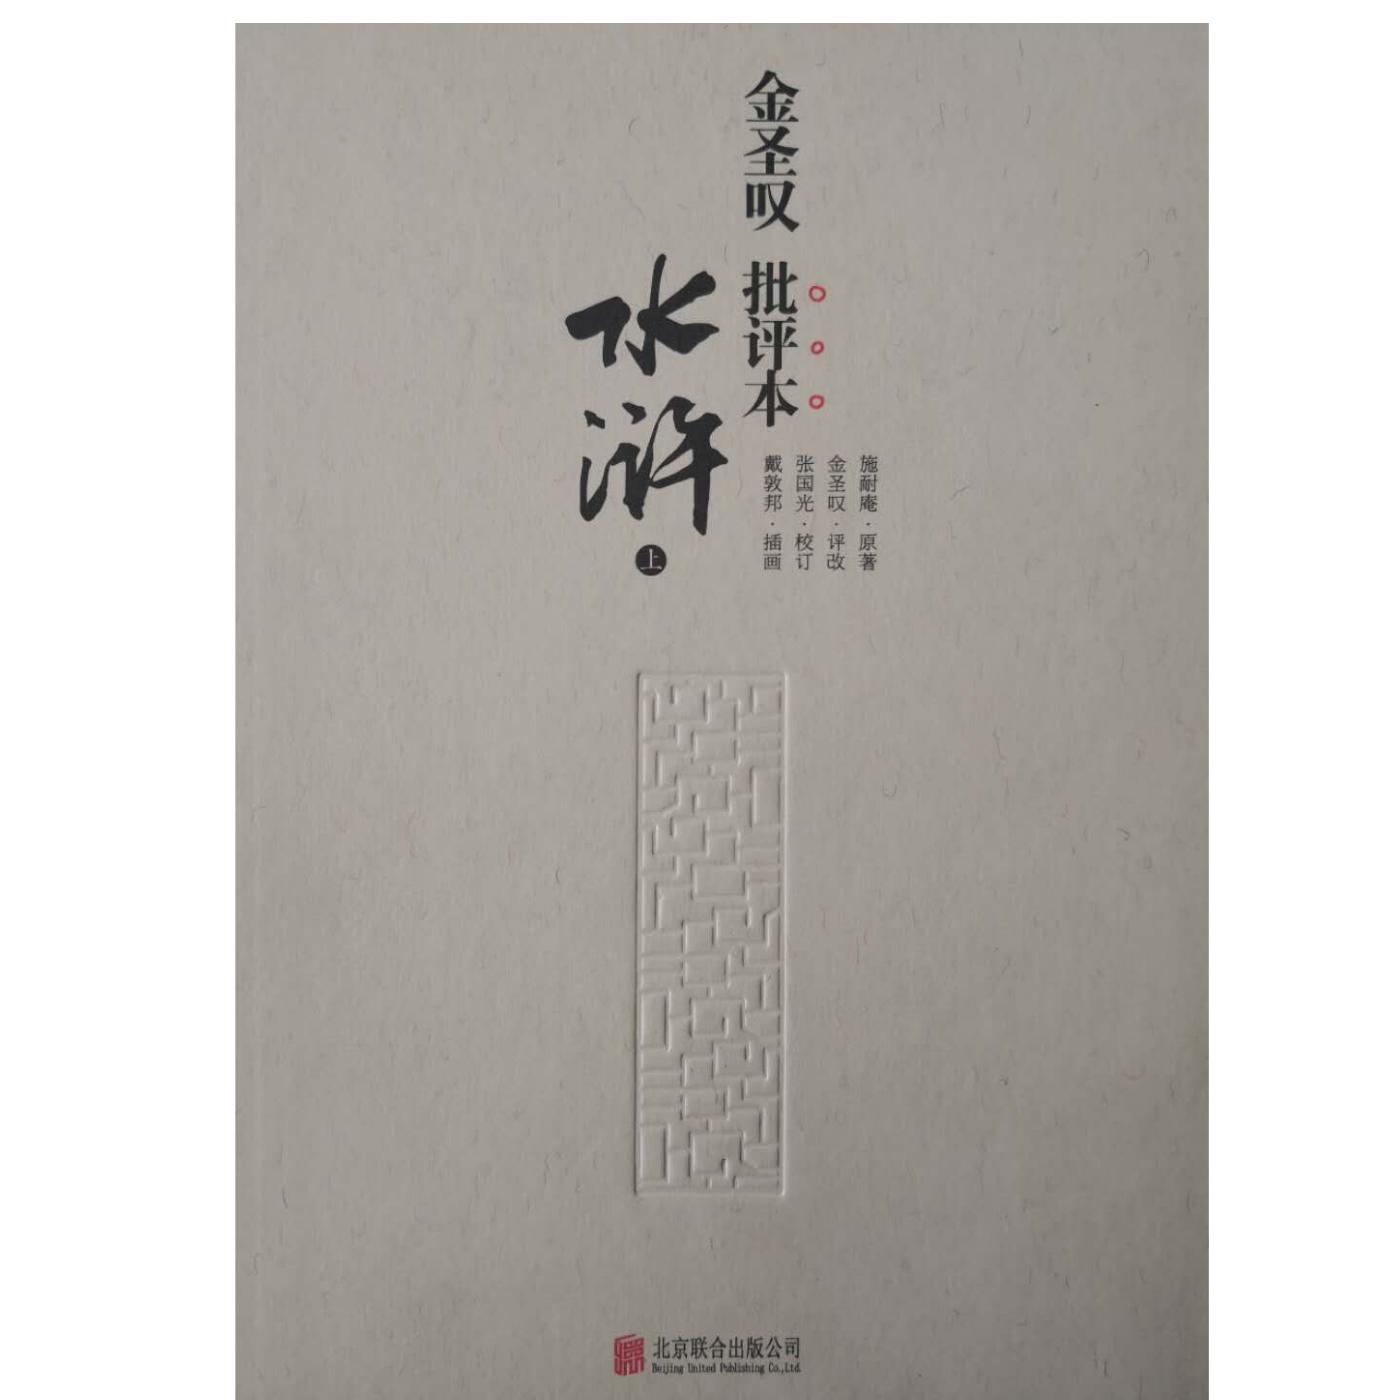 水浒传(金圣叹批评本诵读)